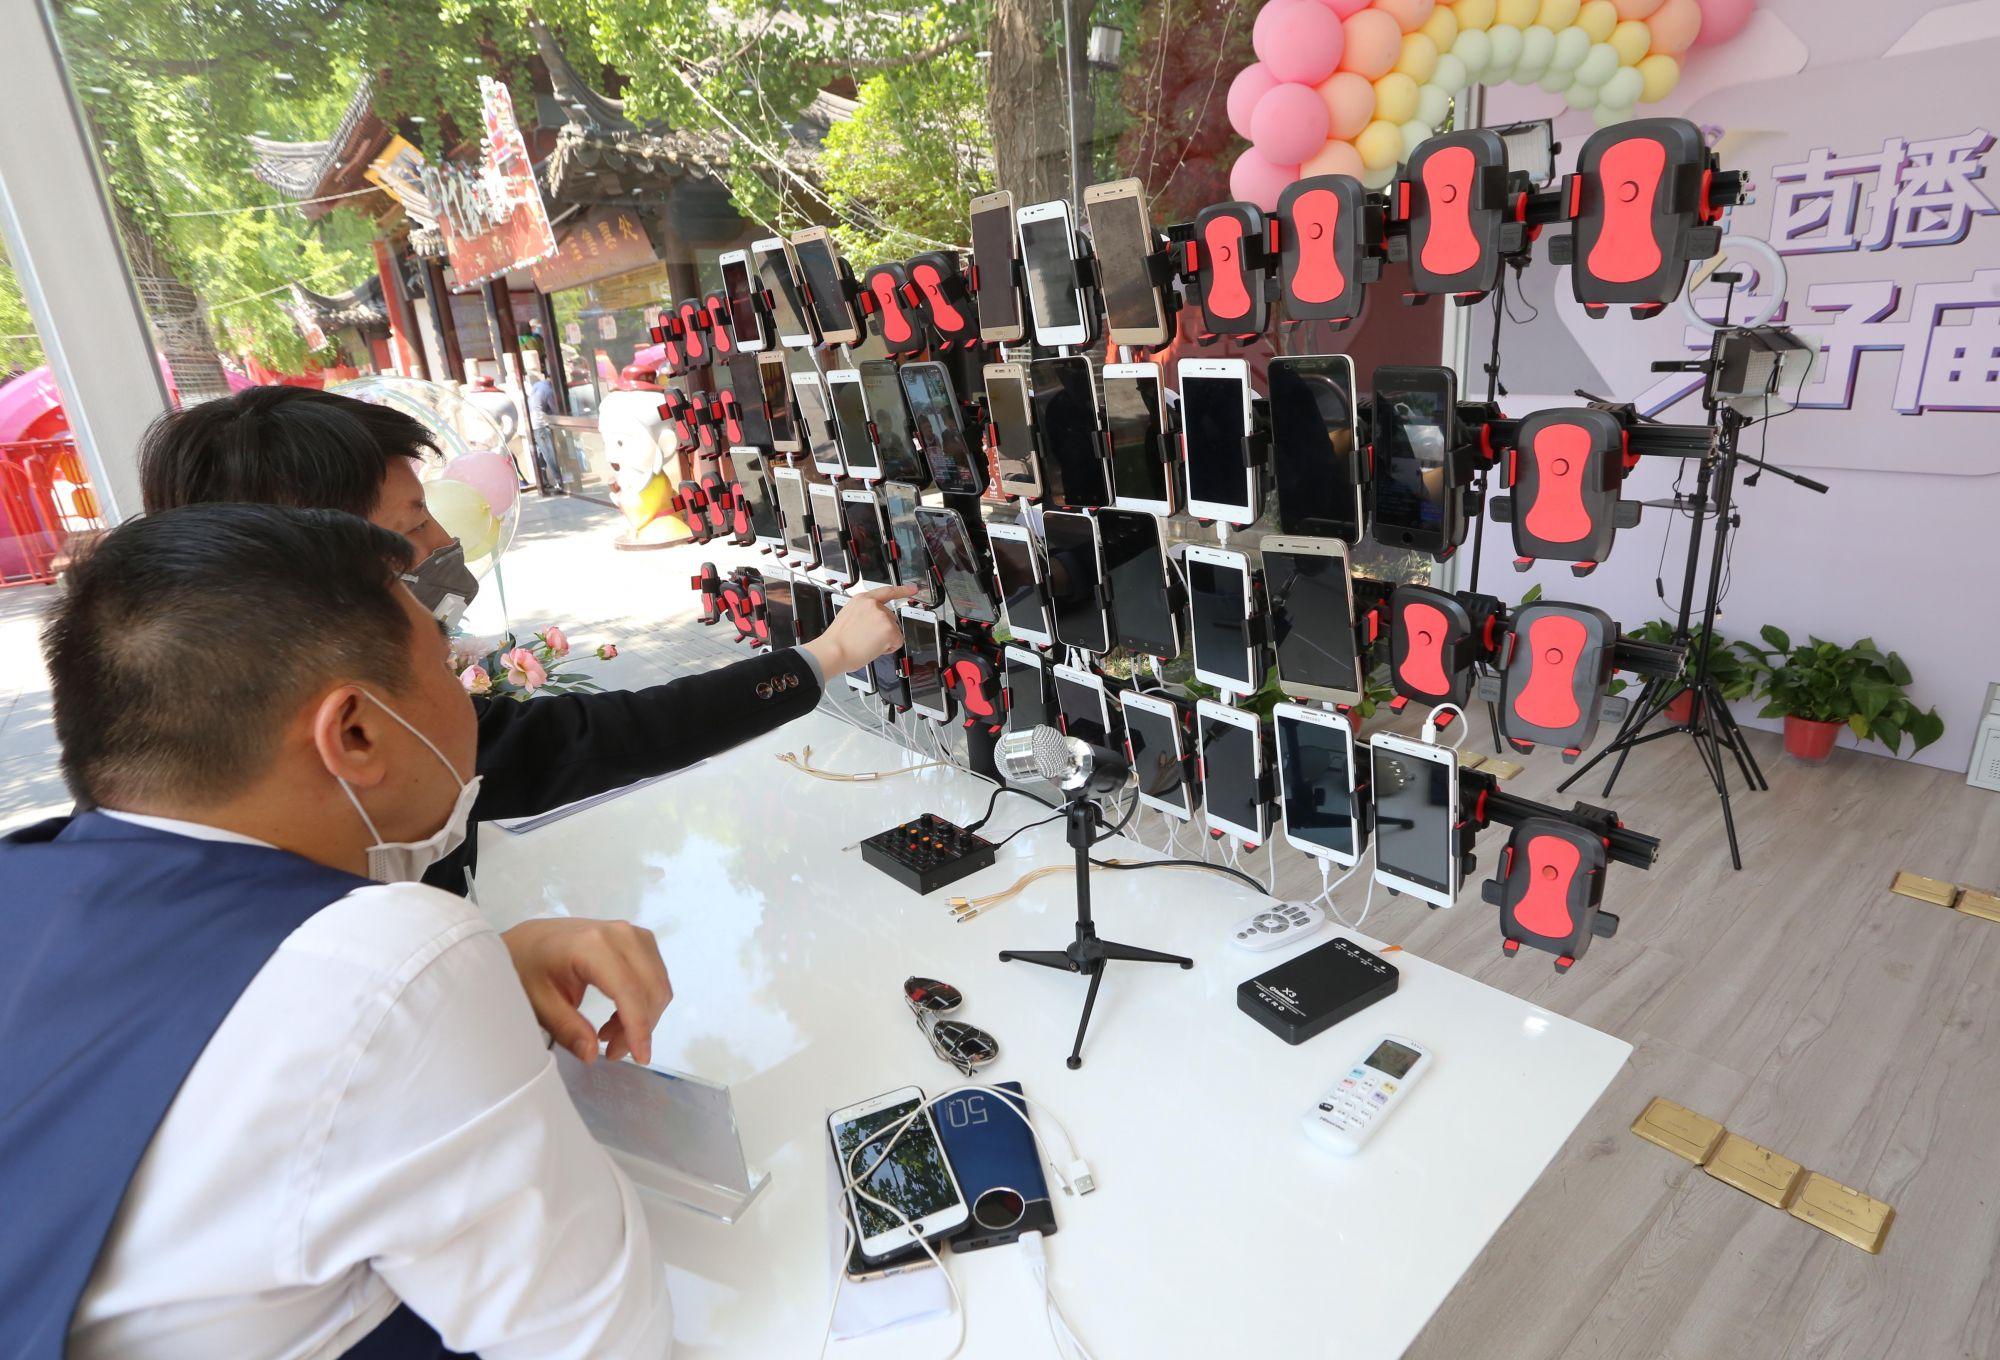 Специалисты настраивают трансляцию в стеклянном павильоне у конфуцианского храма в Нанкине, Китай